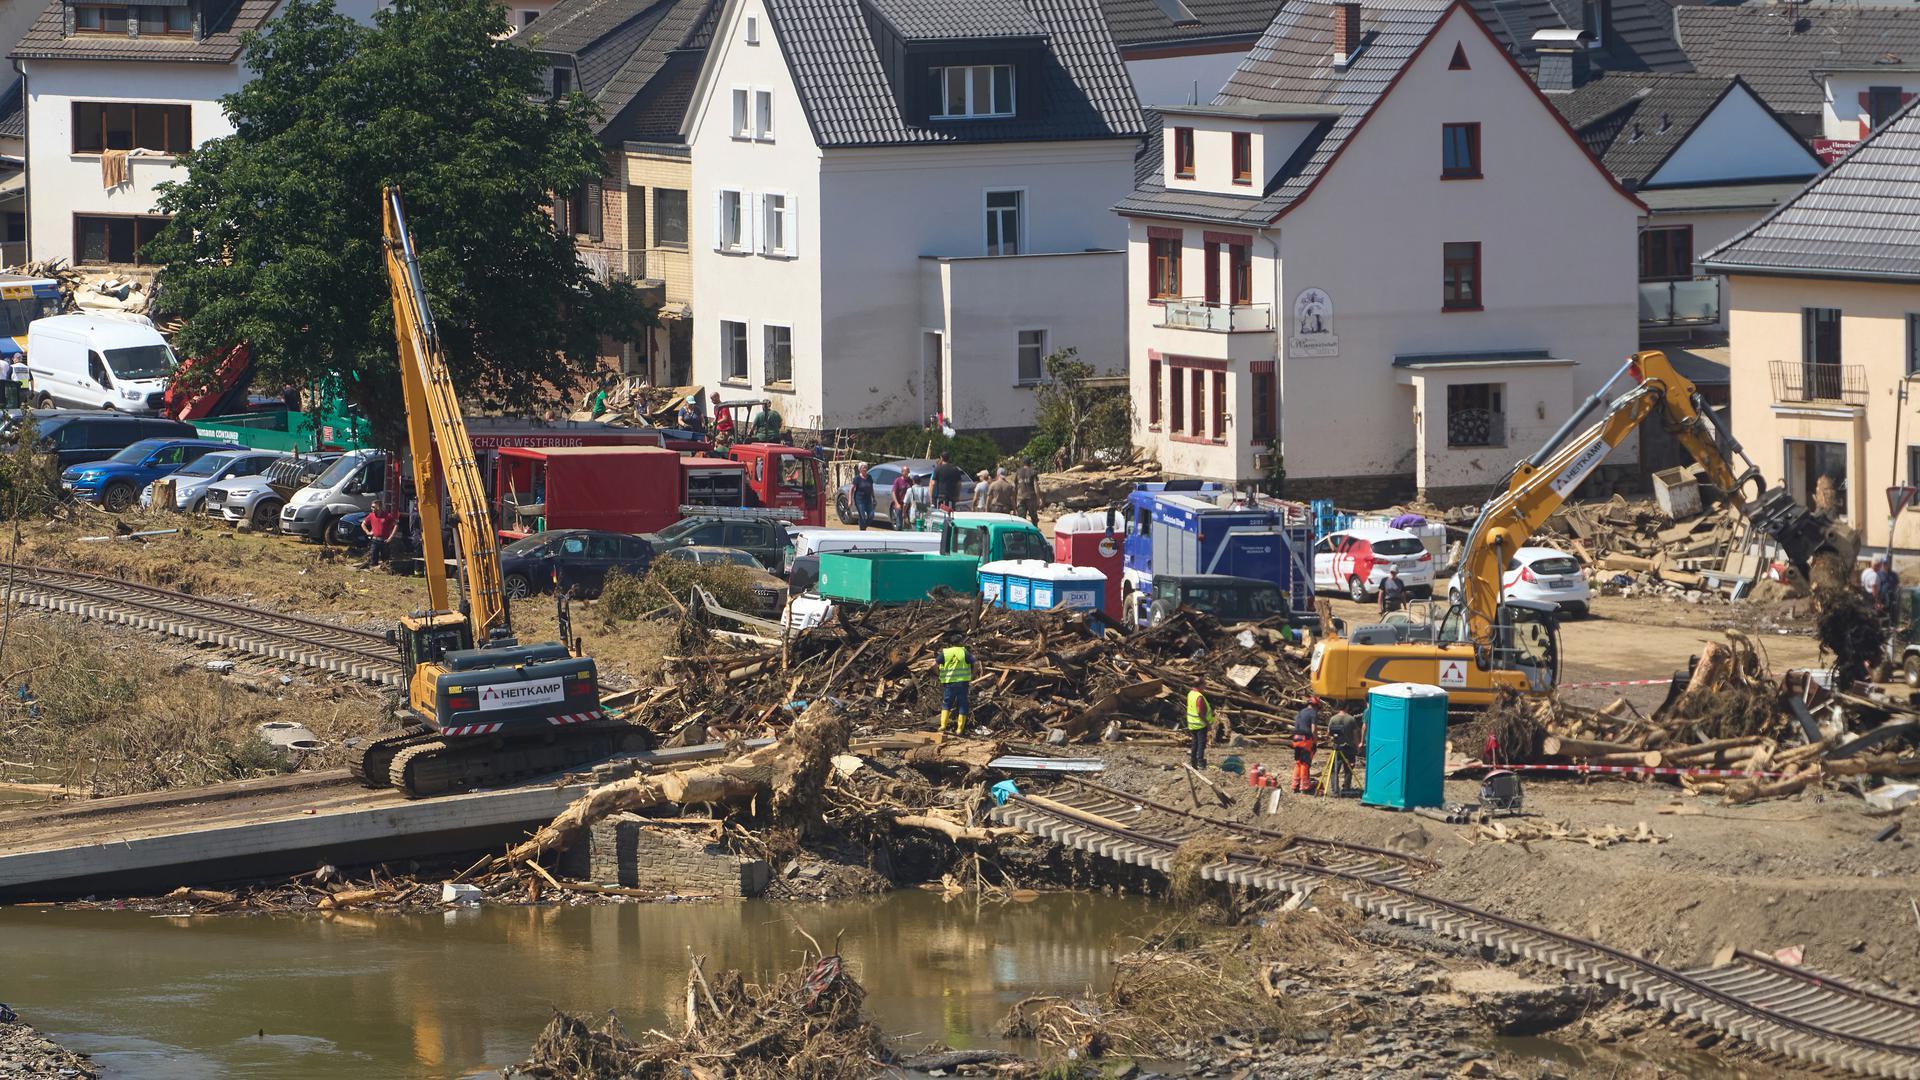 Bagger beseitigen nach dem Hochwasser den Schutt. Die Flut hat auch hier zahlreiche Häuser zerstört.